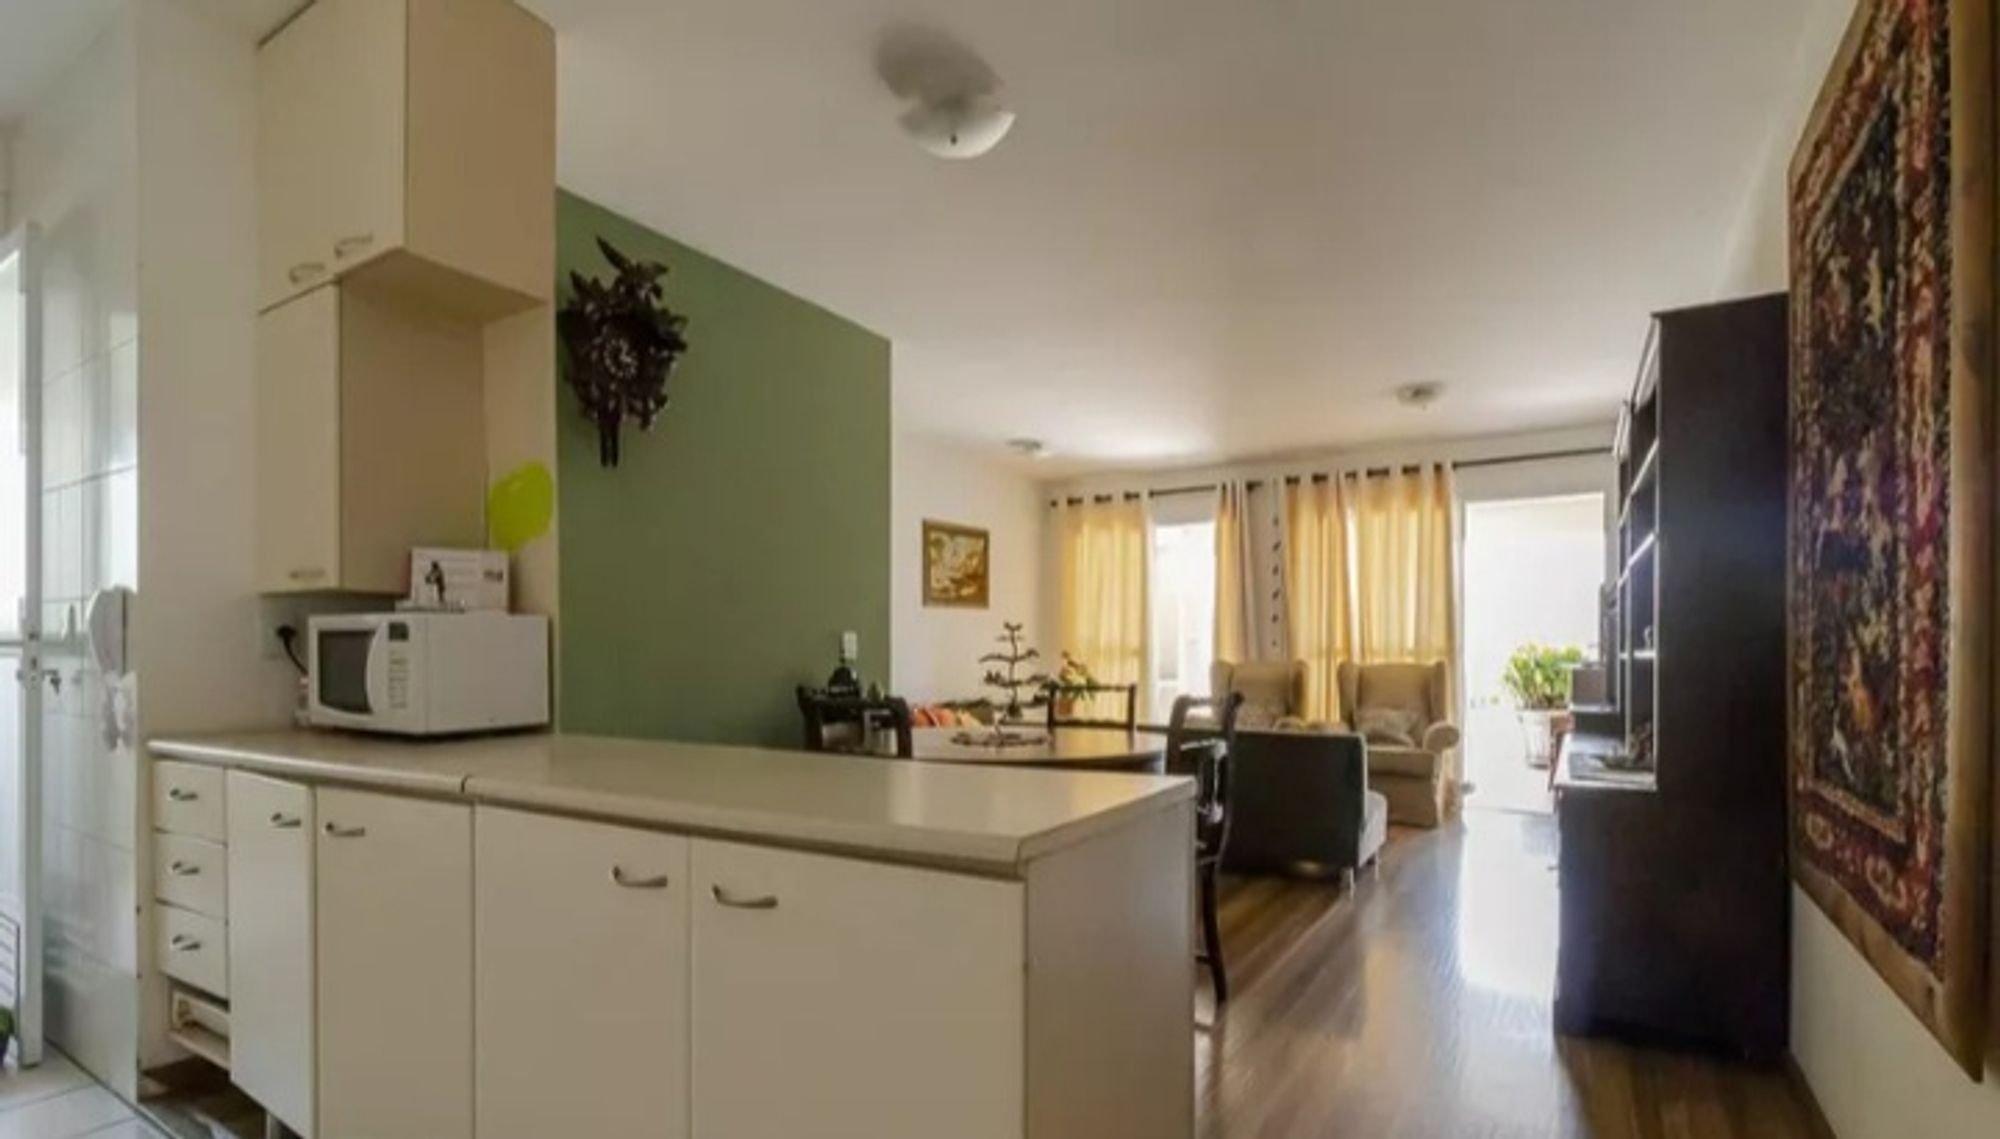 Foto de Cozinha com vaso de planta, cadeira, microondas